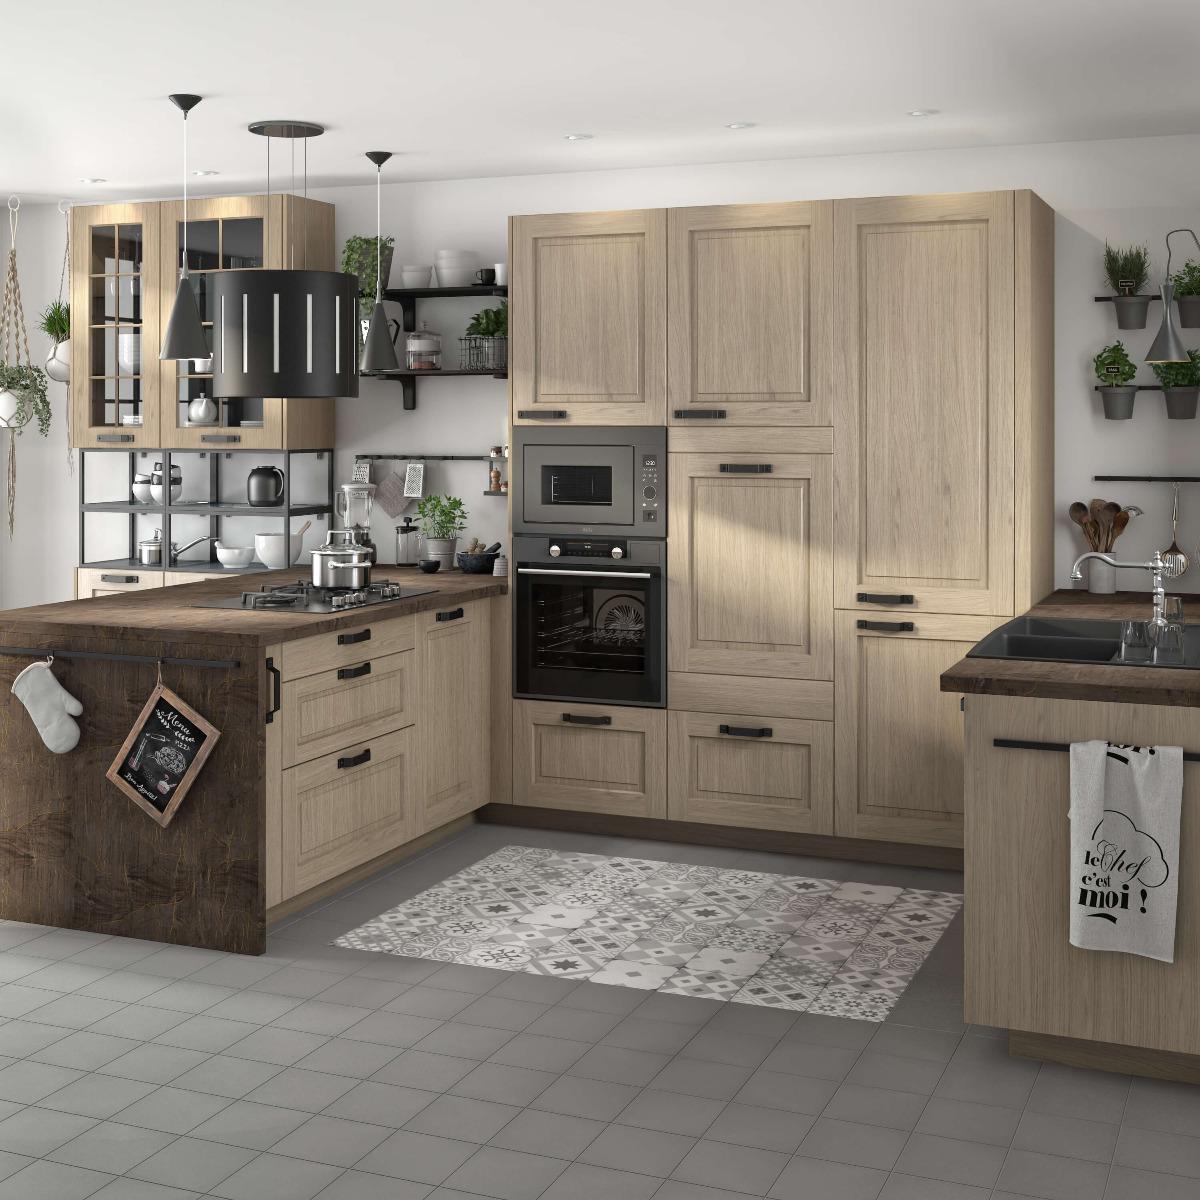 Delinia Prague Designer Kitchen Mobi - Example 1